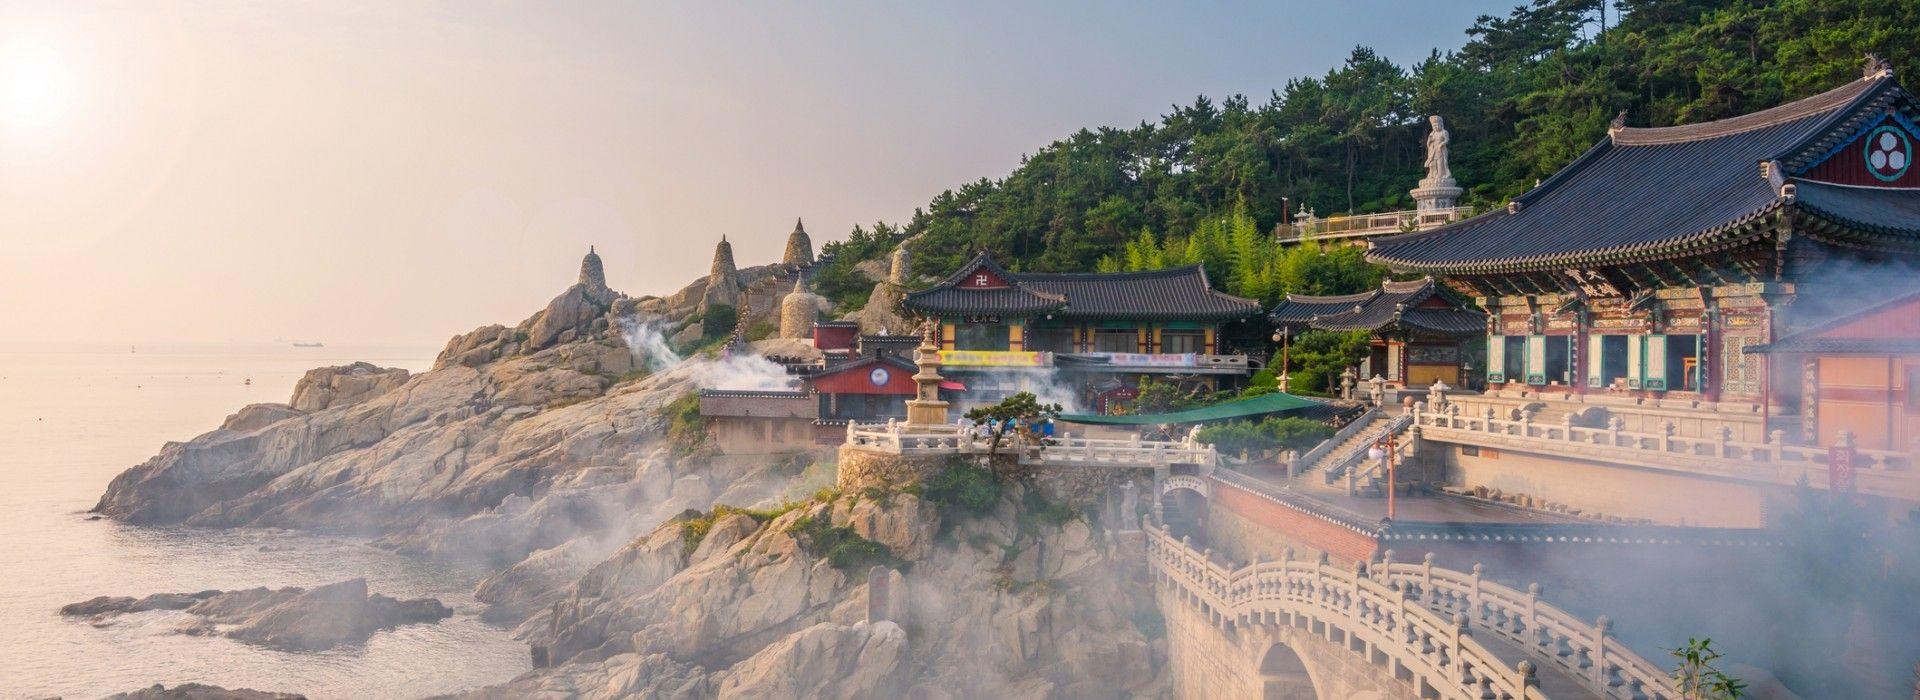 Natural landmarks sightseeing Tours in Daejeon